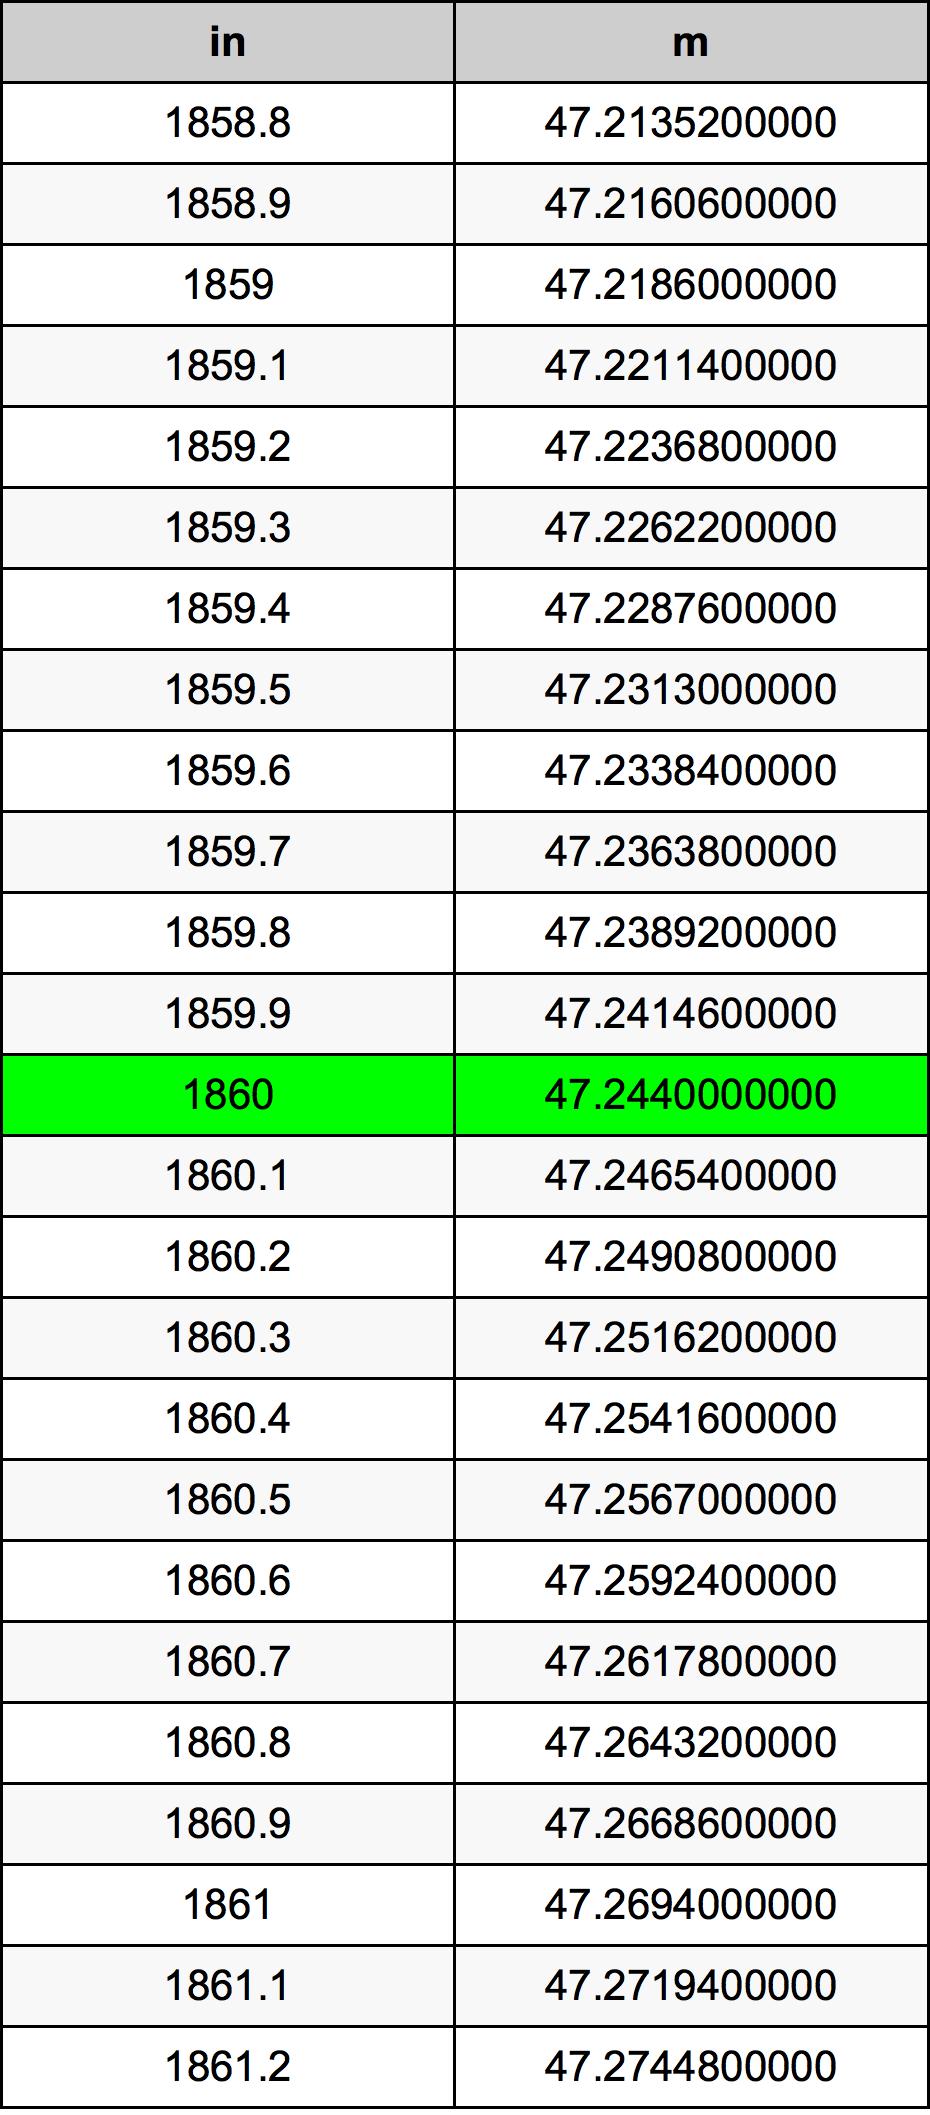 1860 Pouce table de conversion